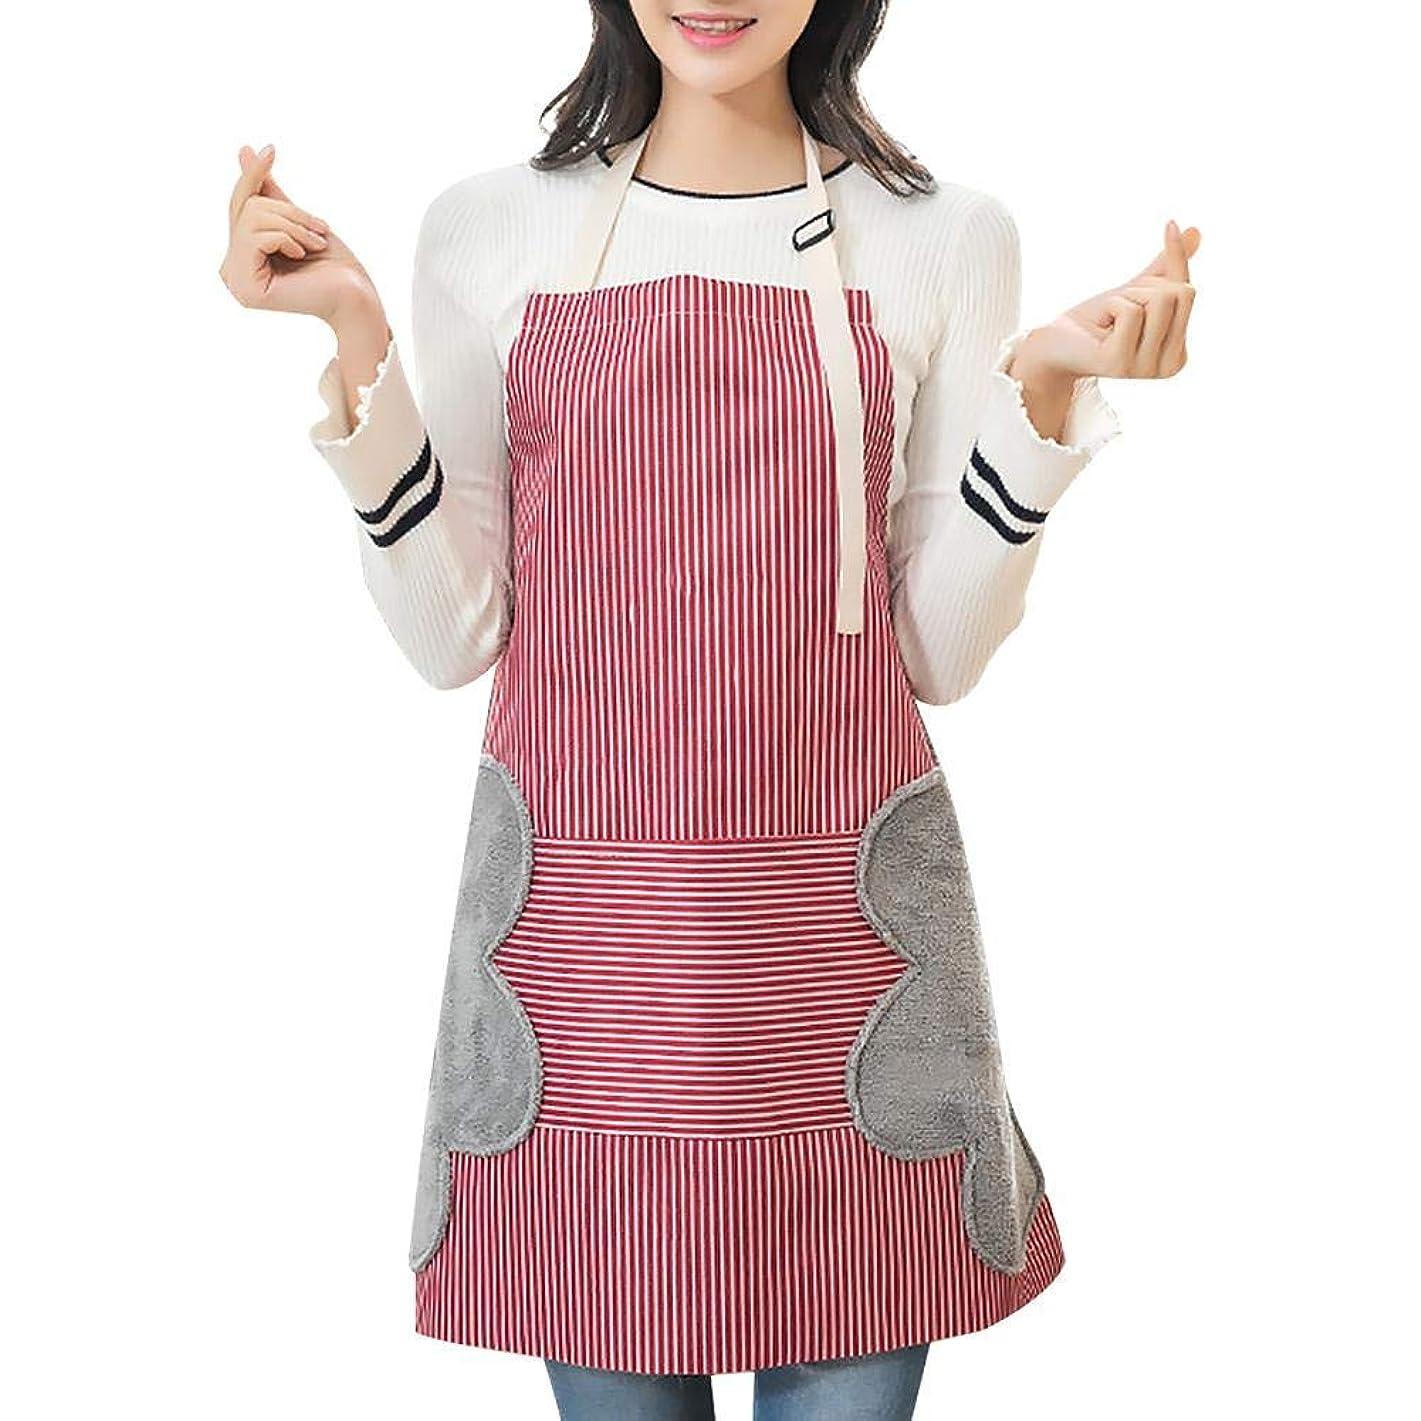 Pursue エプロン 防水 H型 首掛け 身長 調整可能 手拭き タオルが付き しわになりにくい 仕事用 家庭用 女性用 (レッド)